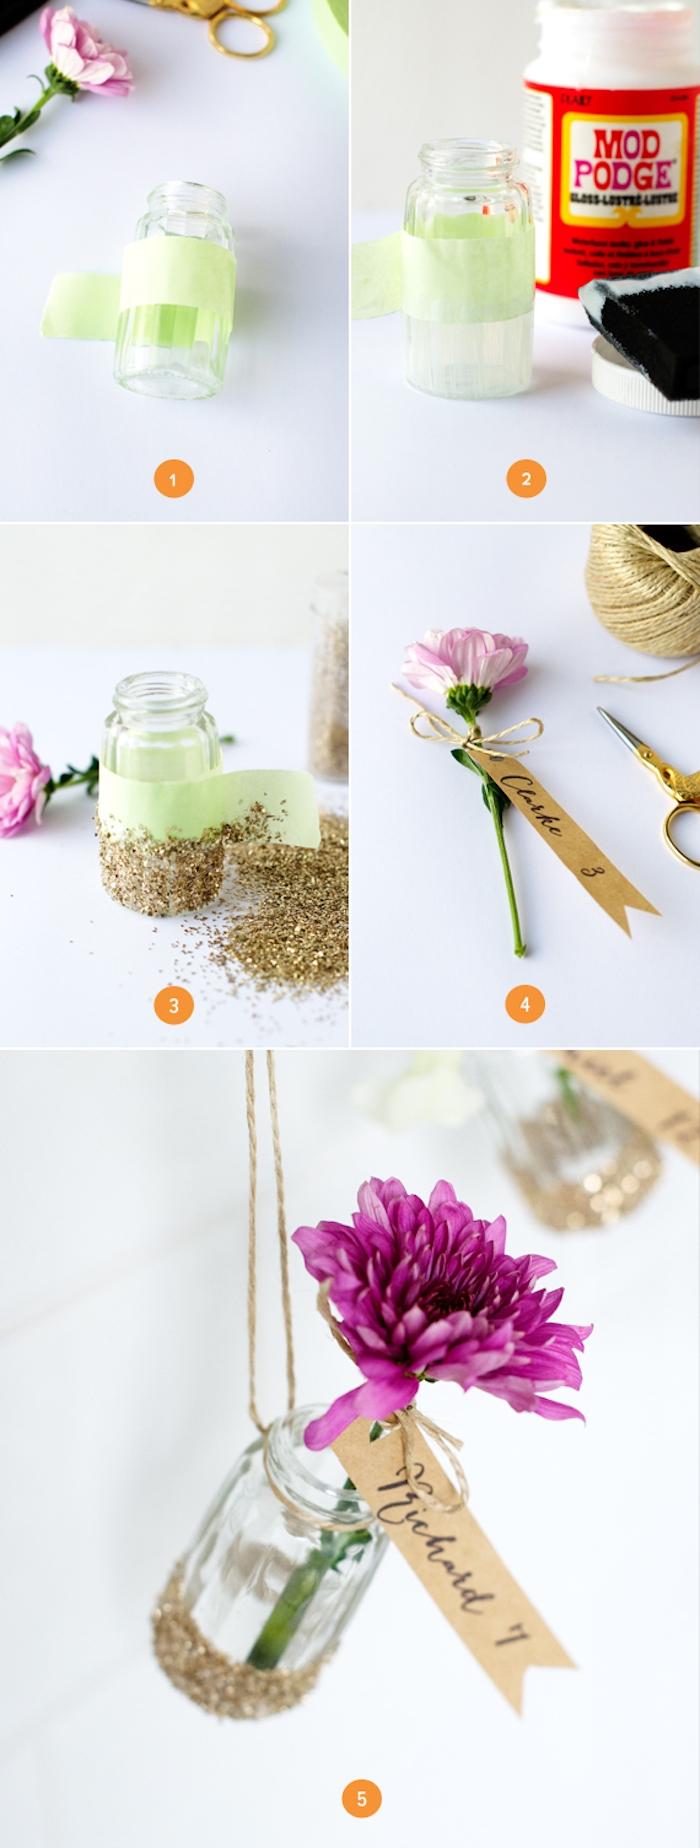 deco mariage pas cher, fioles en verre avec des fonds customisés de paillettes, fleurs colorés et étiquettes en papier kraft